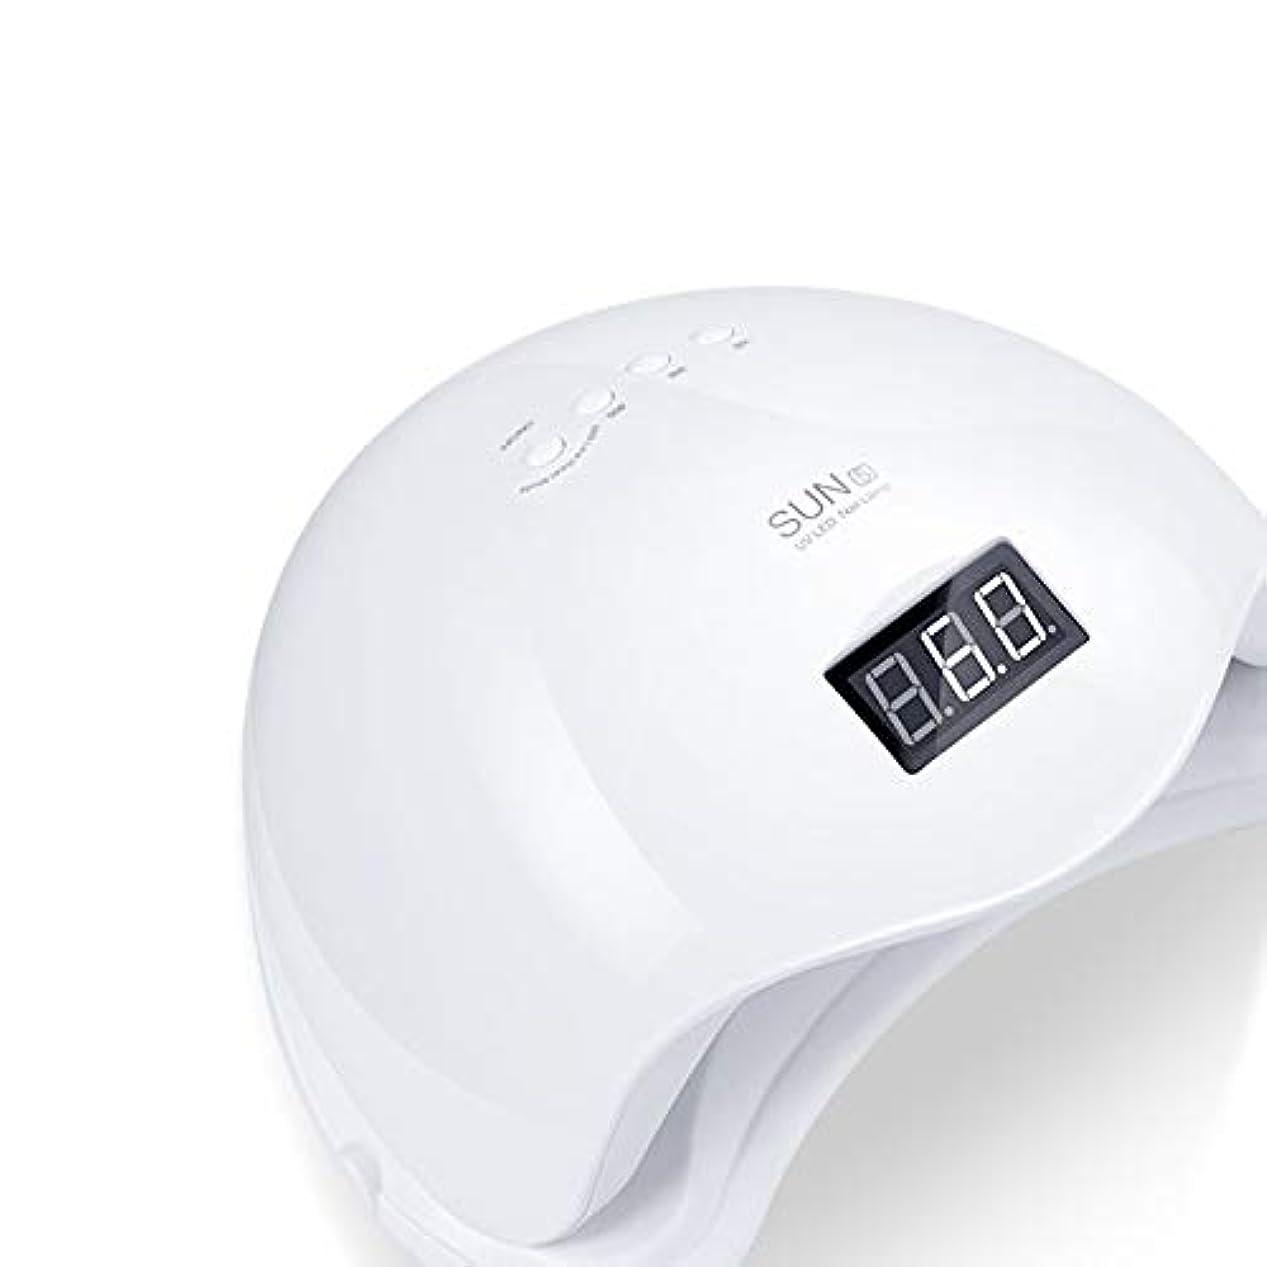 過度のボーカル入口LEDネイルライト、24個のLEDビーズが付いている48Wマニキュアドライヤーライトの治癒光 - 安い、ディスカウント価格センサーUVジェルネイルポリッシュ用4タイマー(10/30/60/99秒)